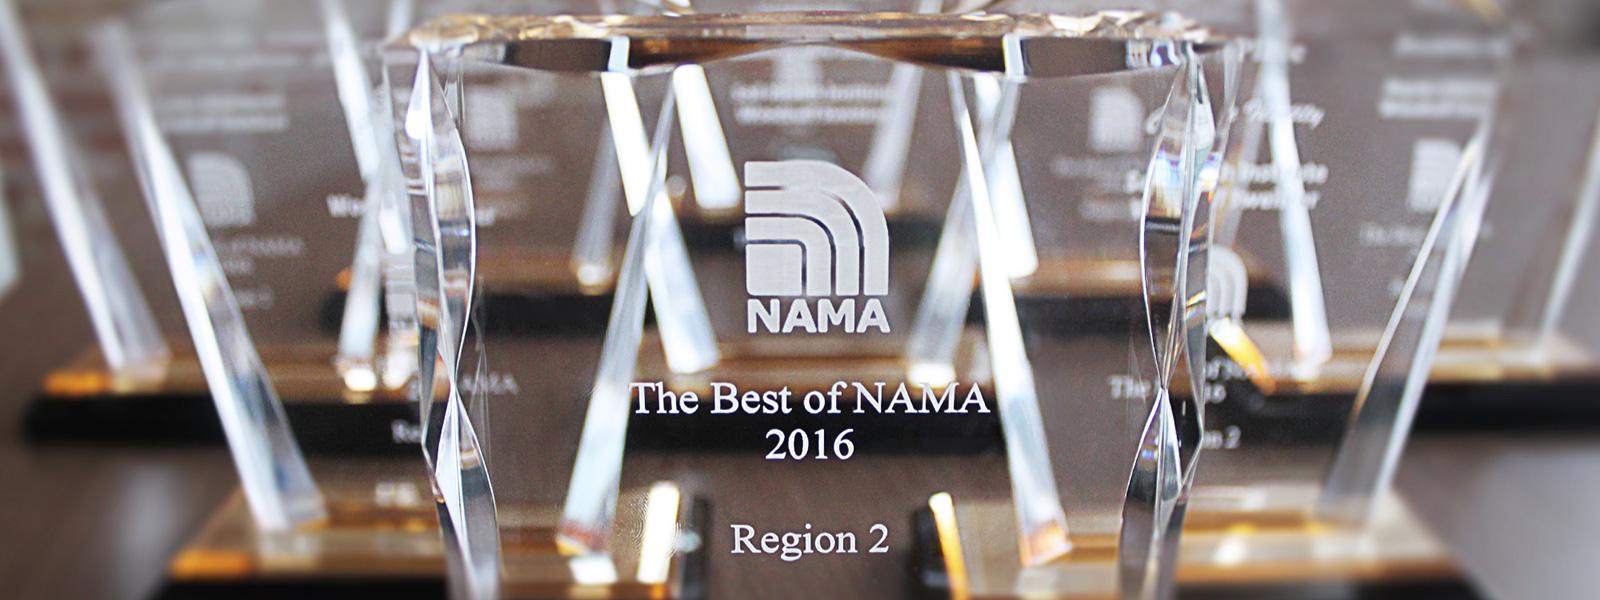 NAMA Awards